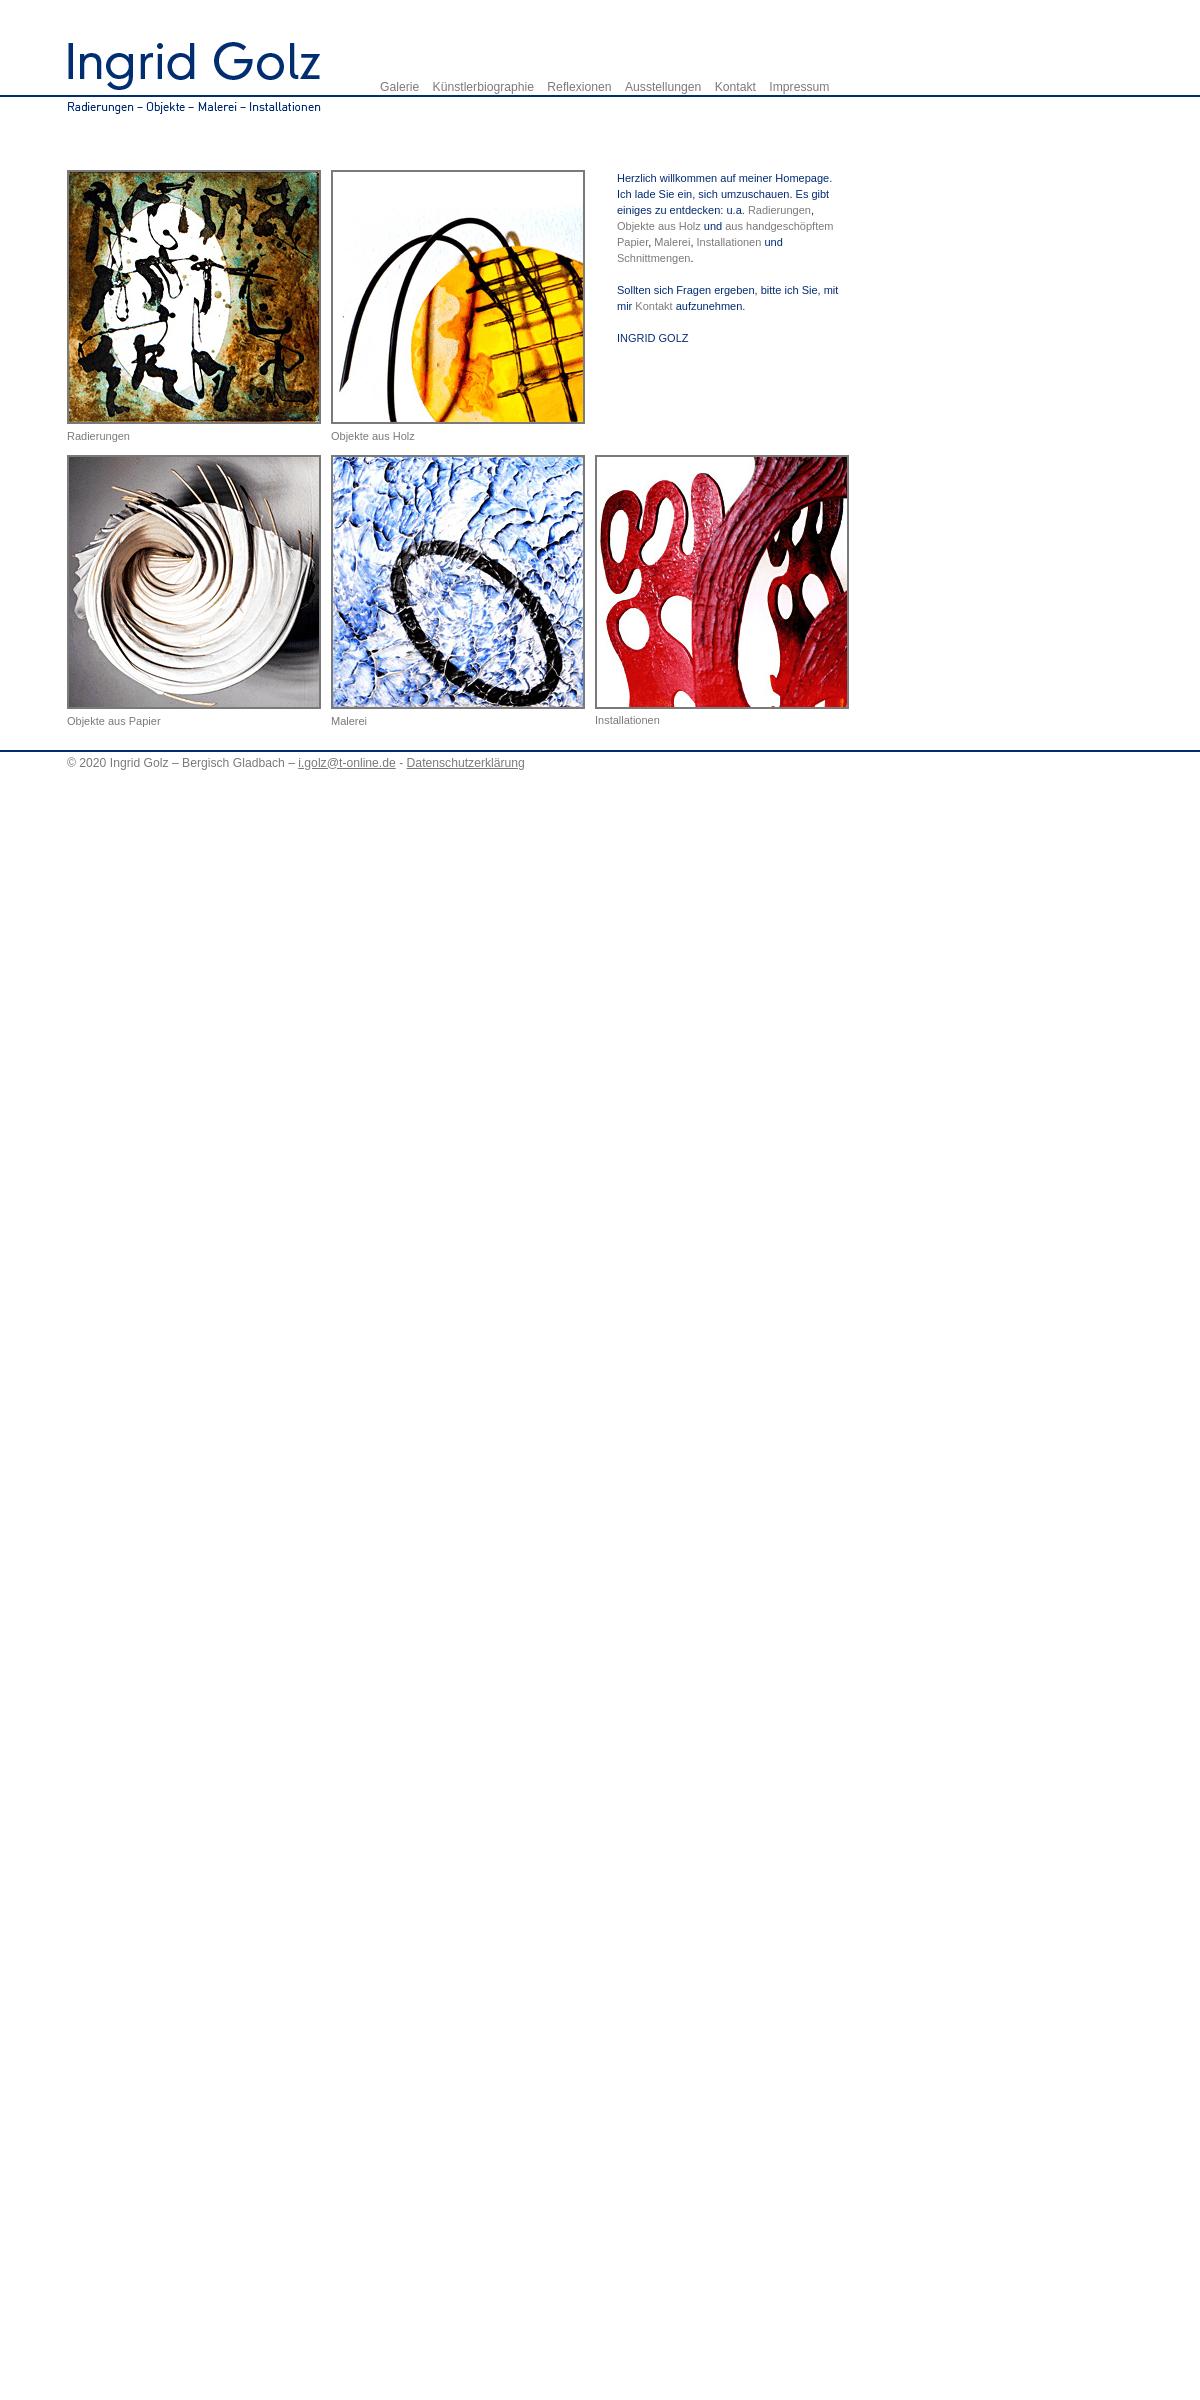 Ingrid Golz – Künstlerin- Radierungen - Objekte - Malerei - Installationen